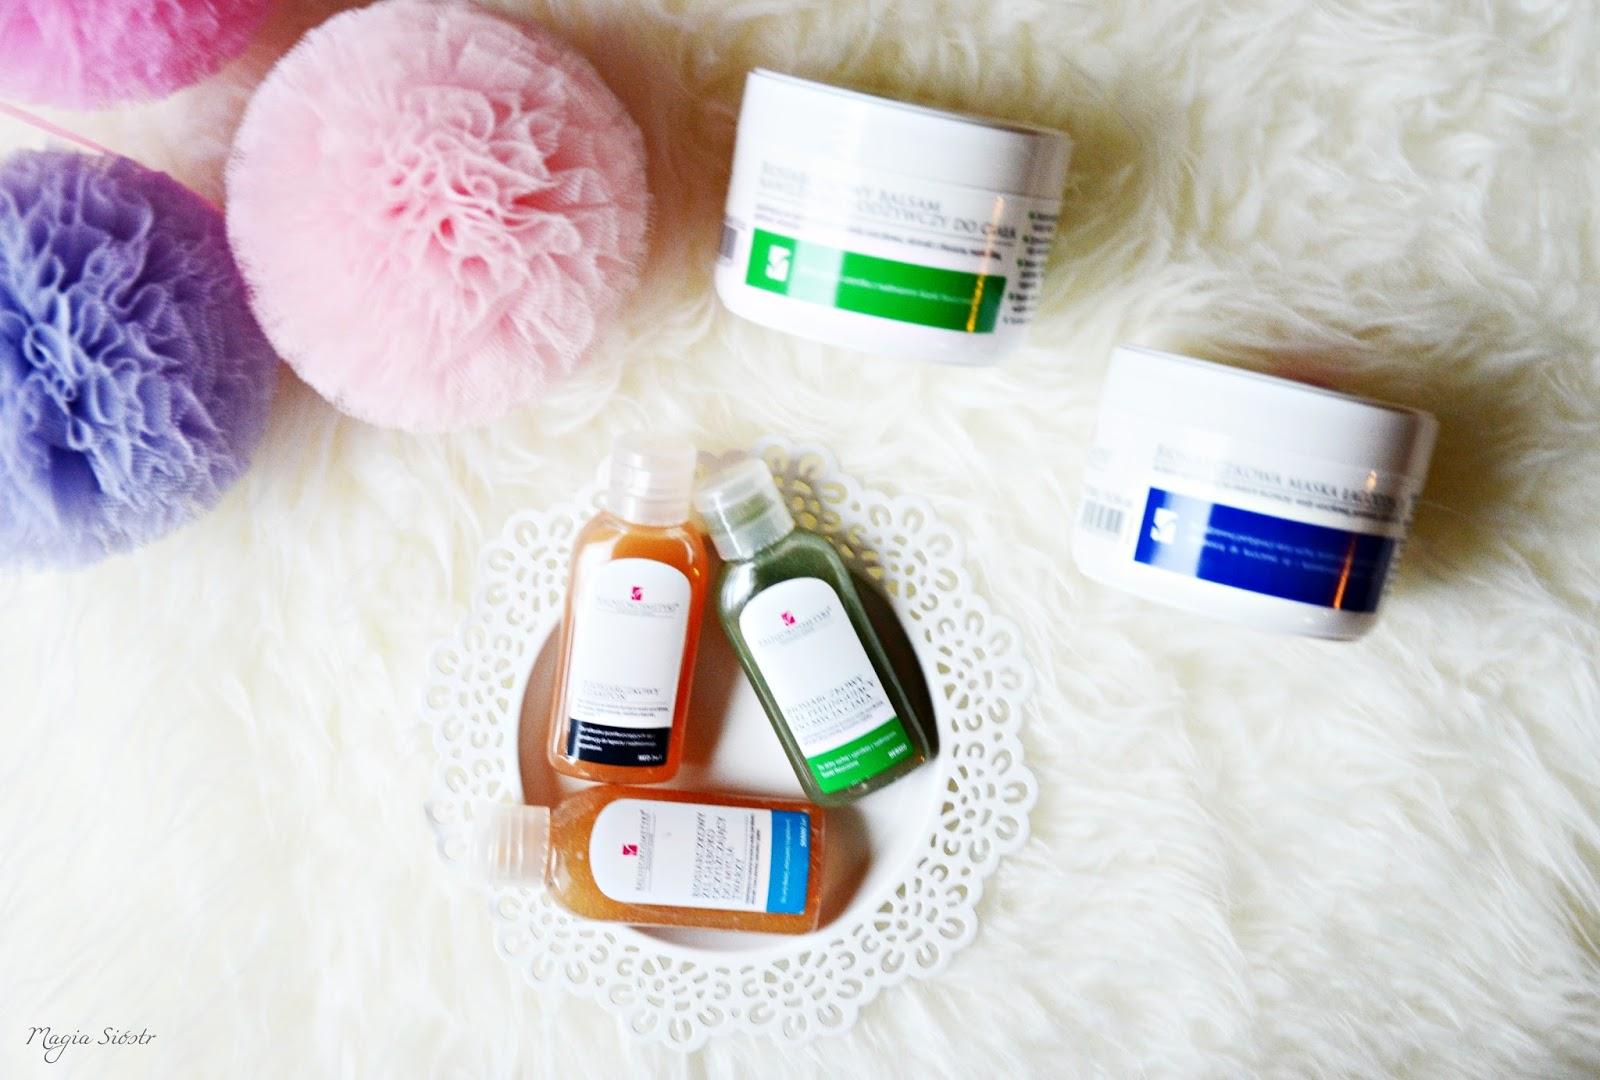 kosmetyki ekologiczne, kosmetyki naturalne